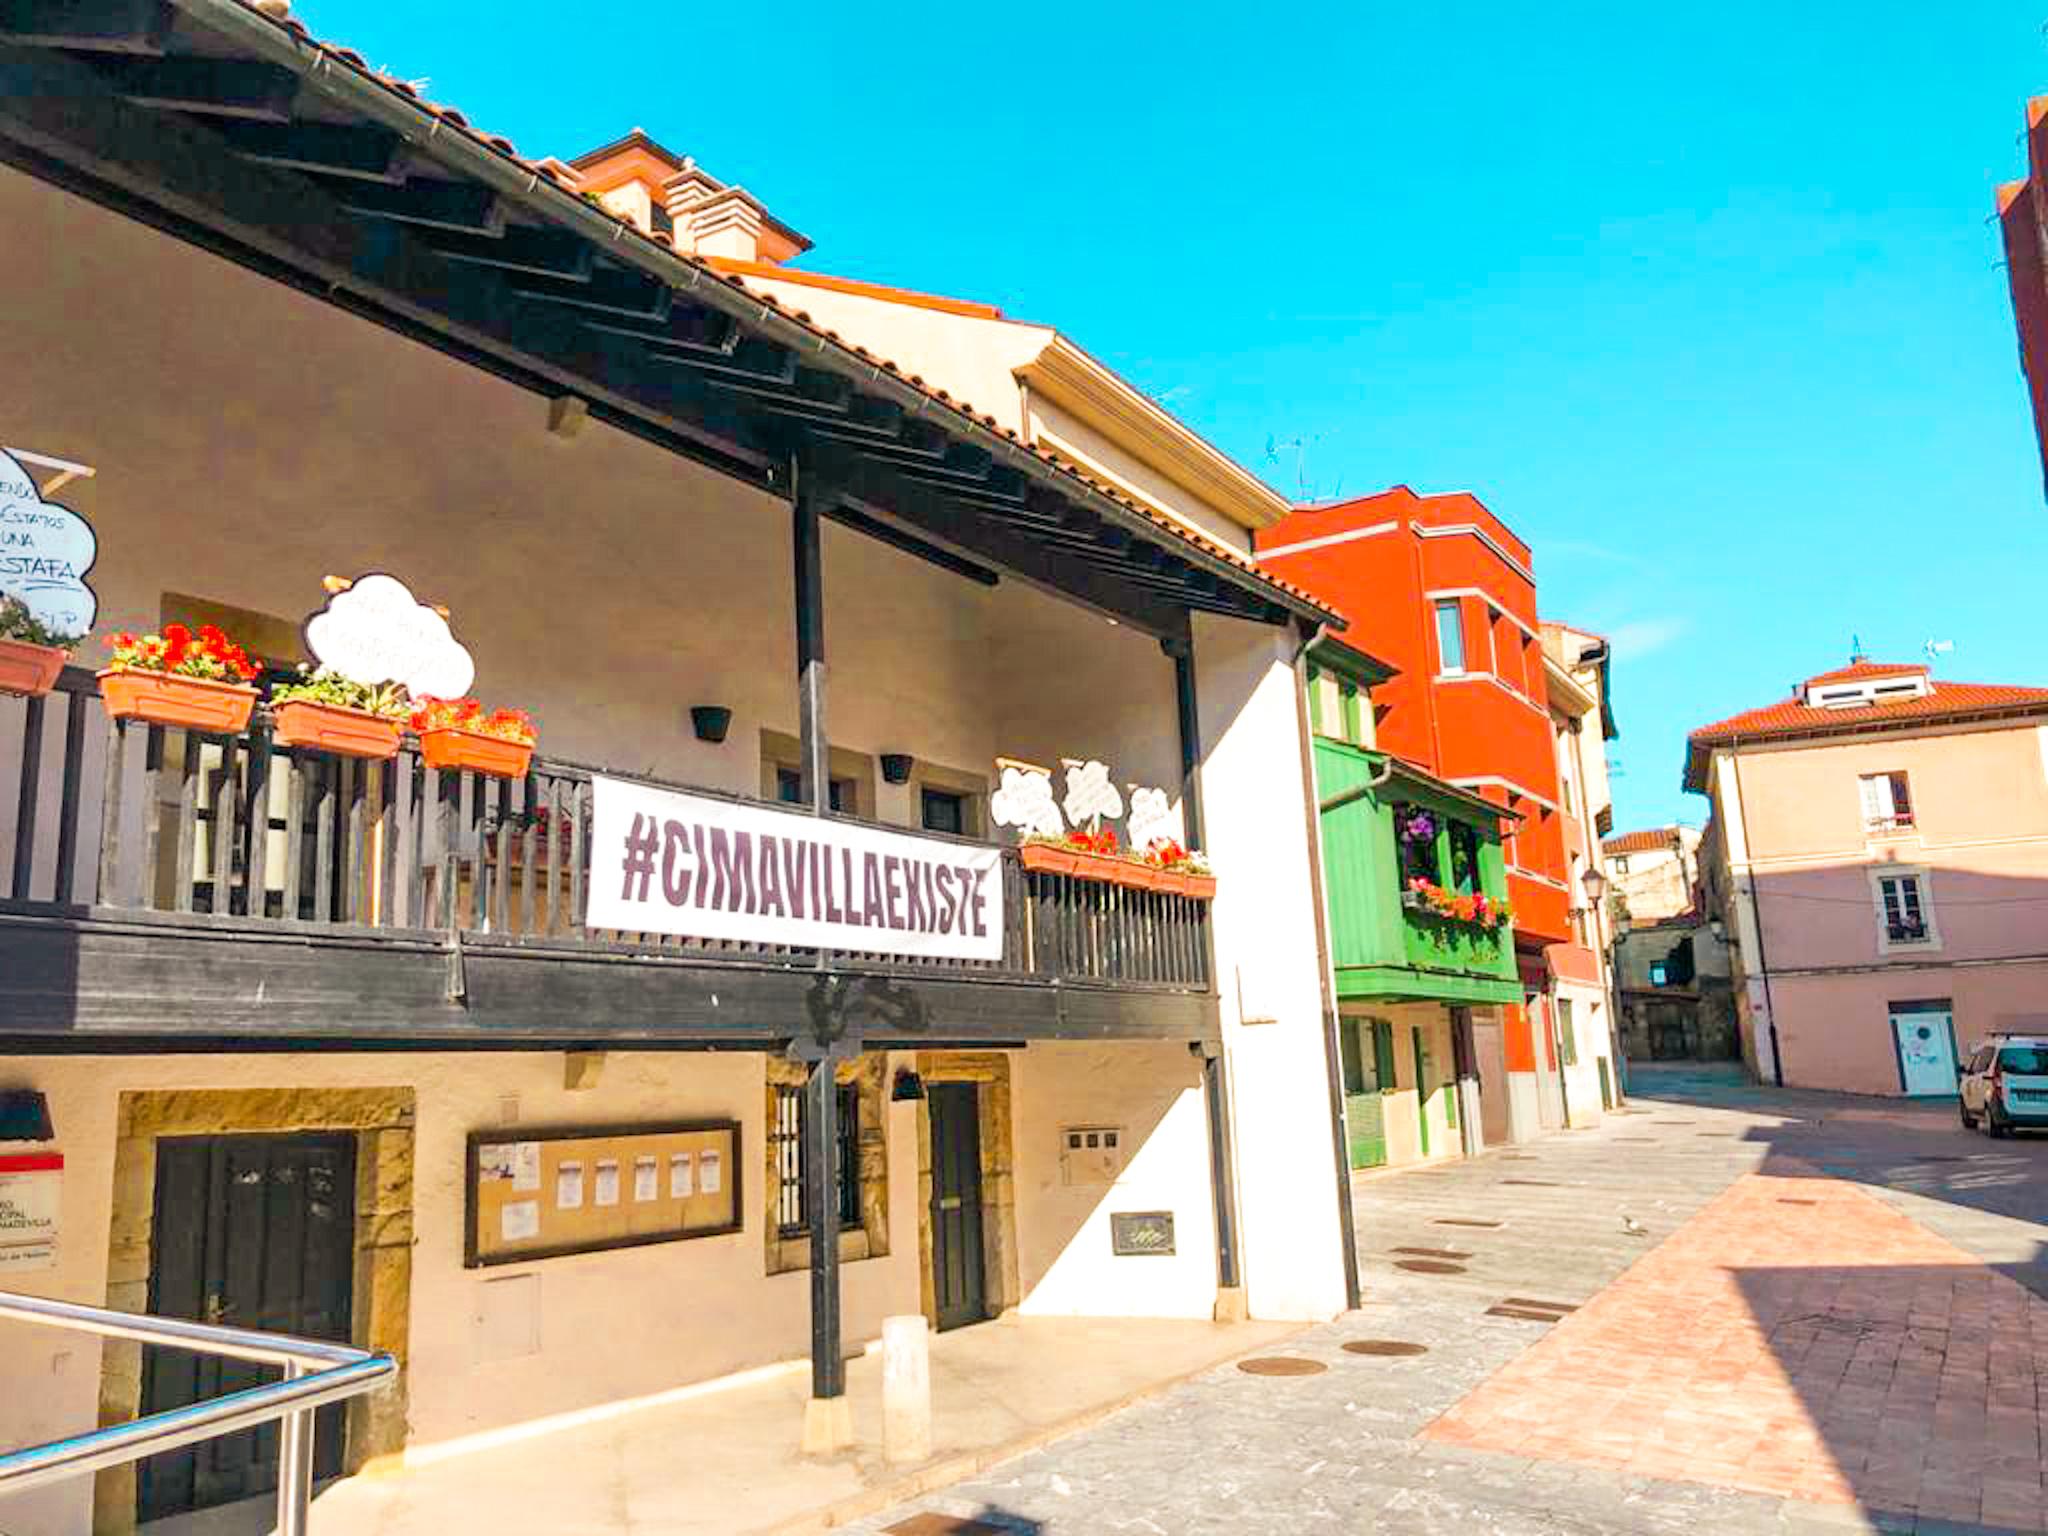 Qué ver en el Barrio de Cimadevilla de Gijón: la Plaza de la Soledad